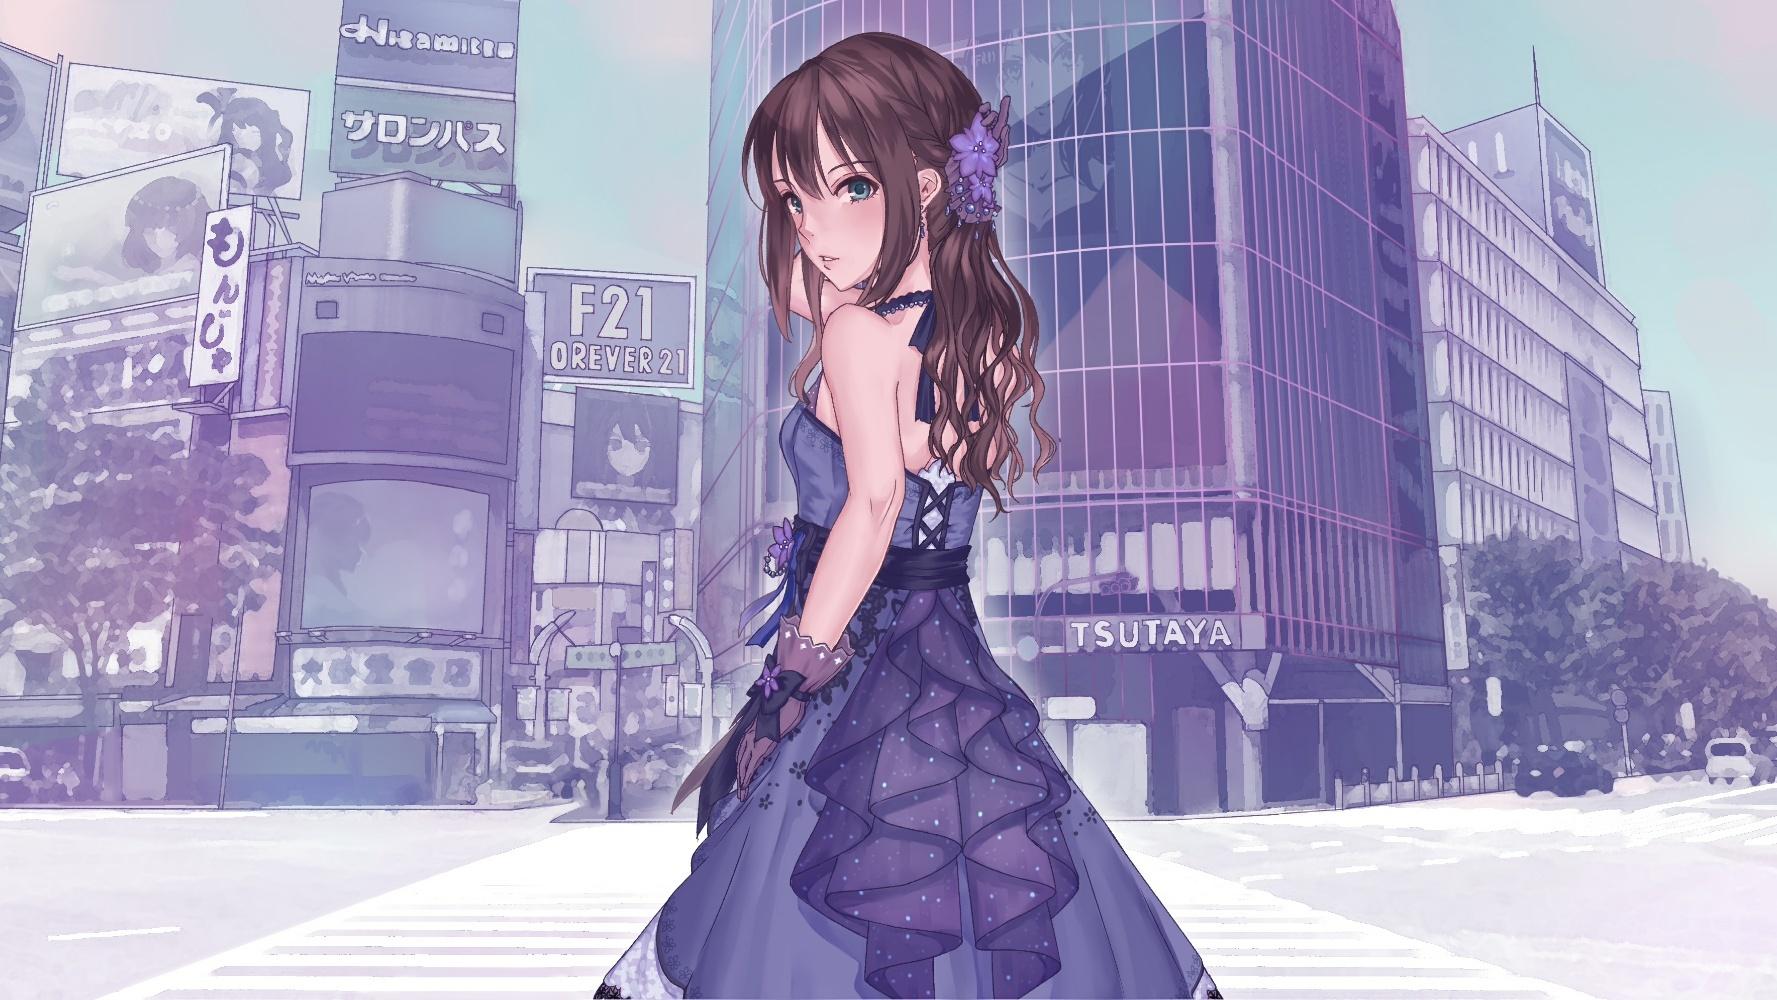 アイドルマスターシンデレラガールズ 渋谷凛 / THE IDOLM@STER Shibuya Rin No.2599